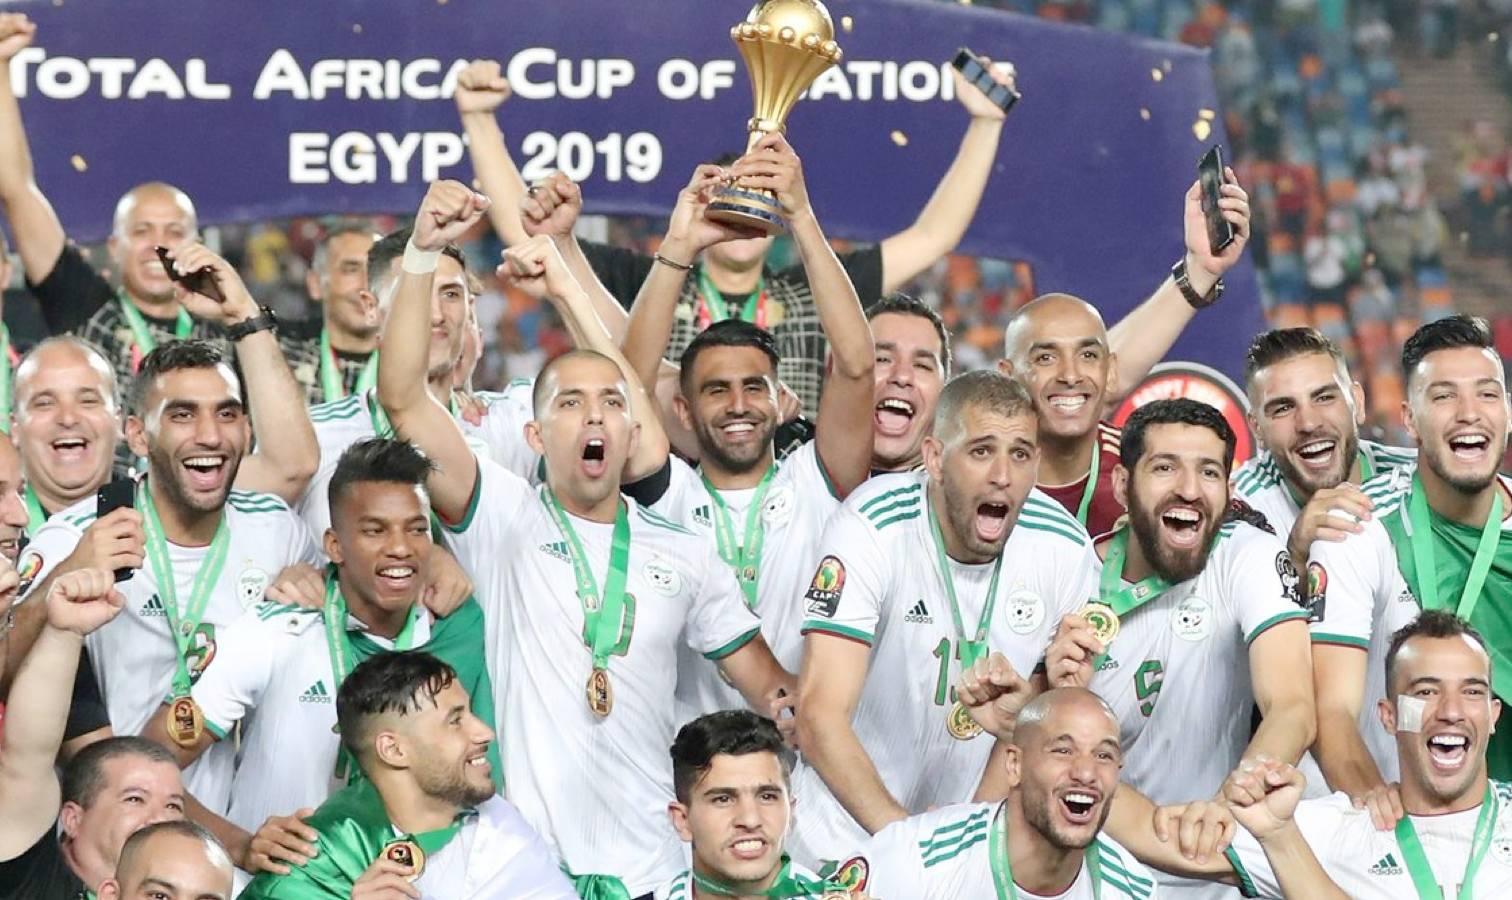 rencontres algerie sans inscription